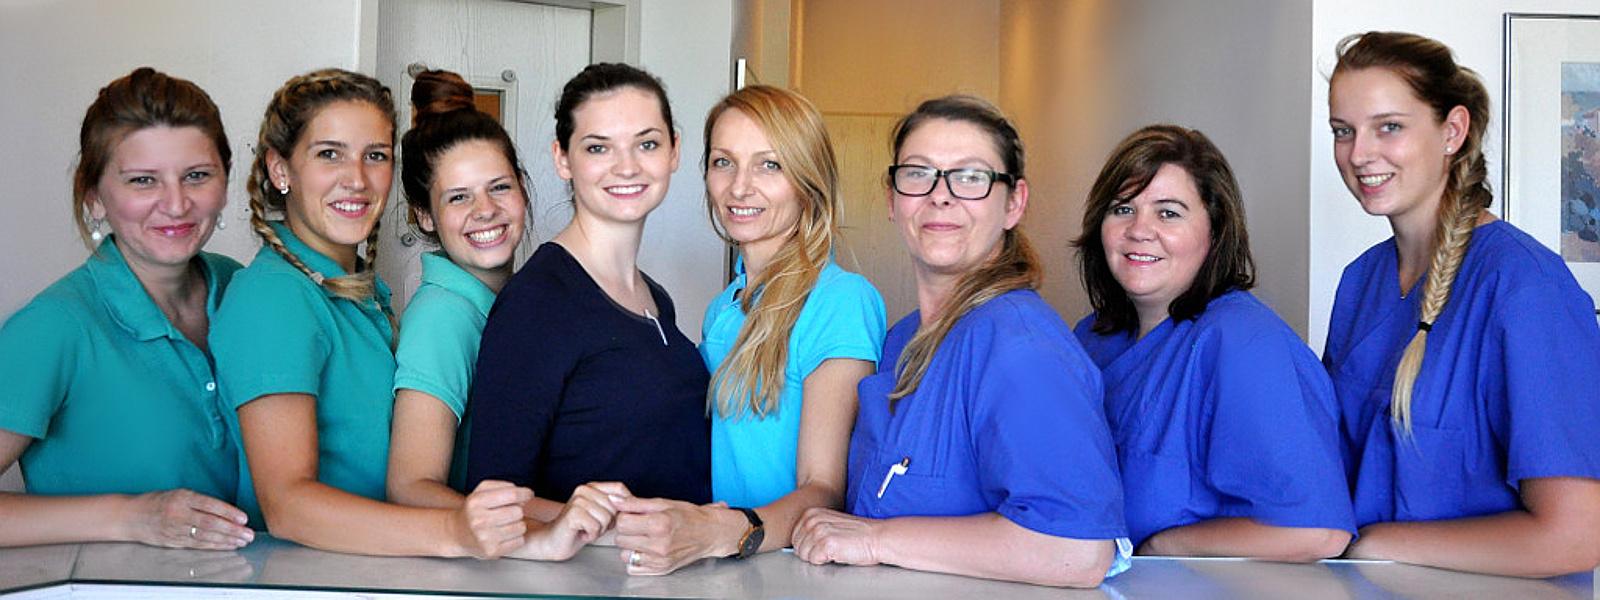 Zahnarzt Team Weilheim